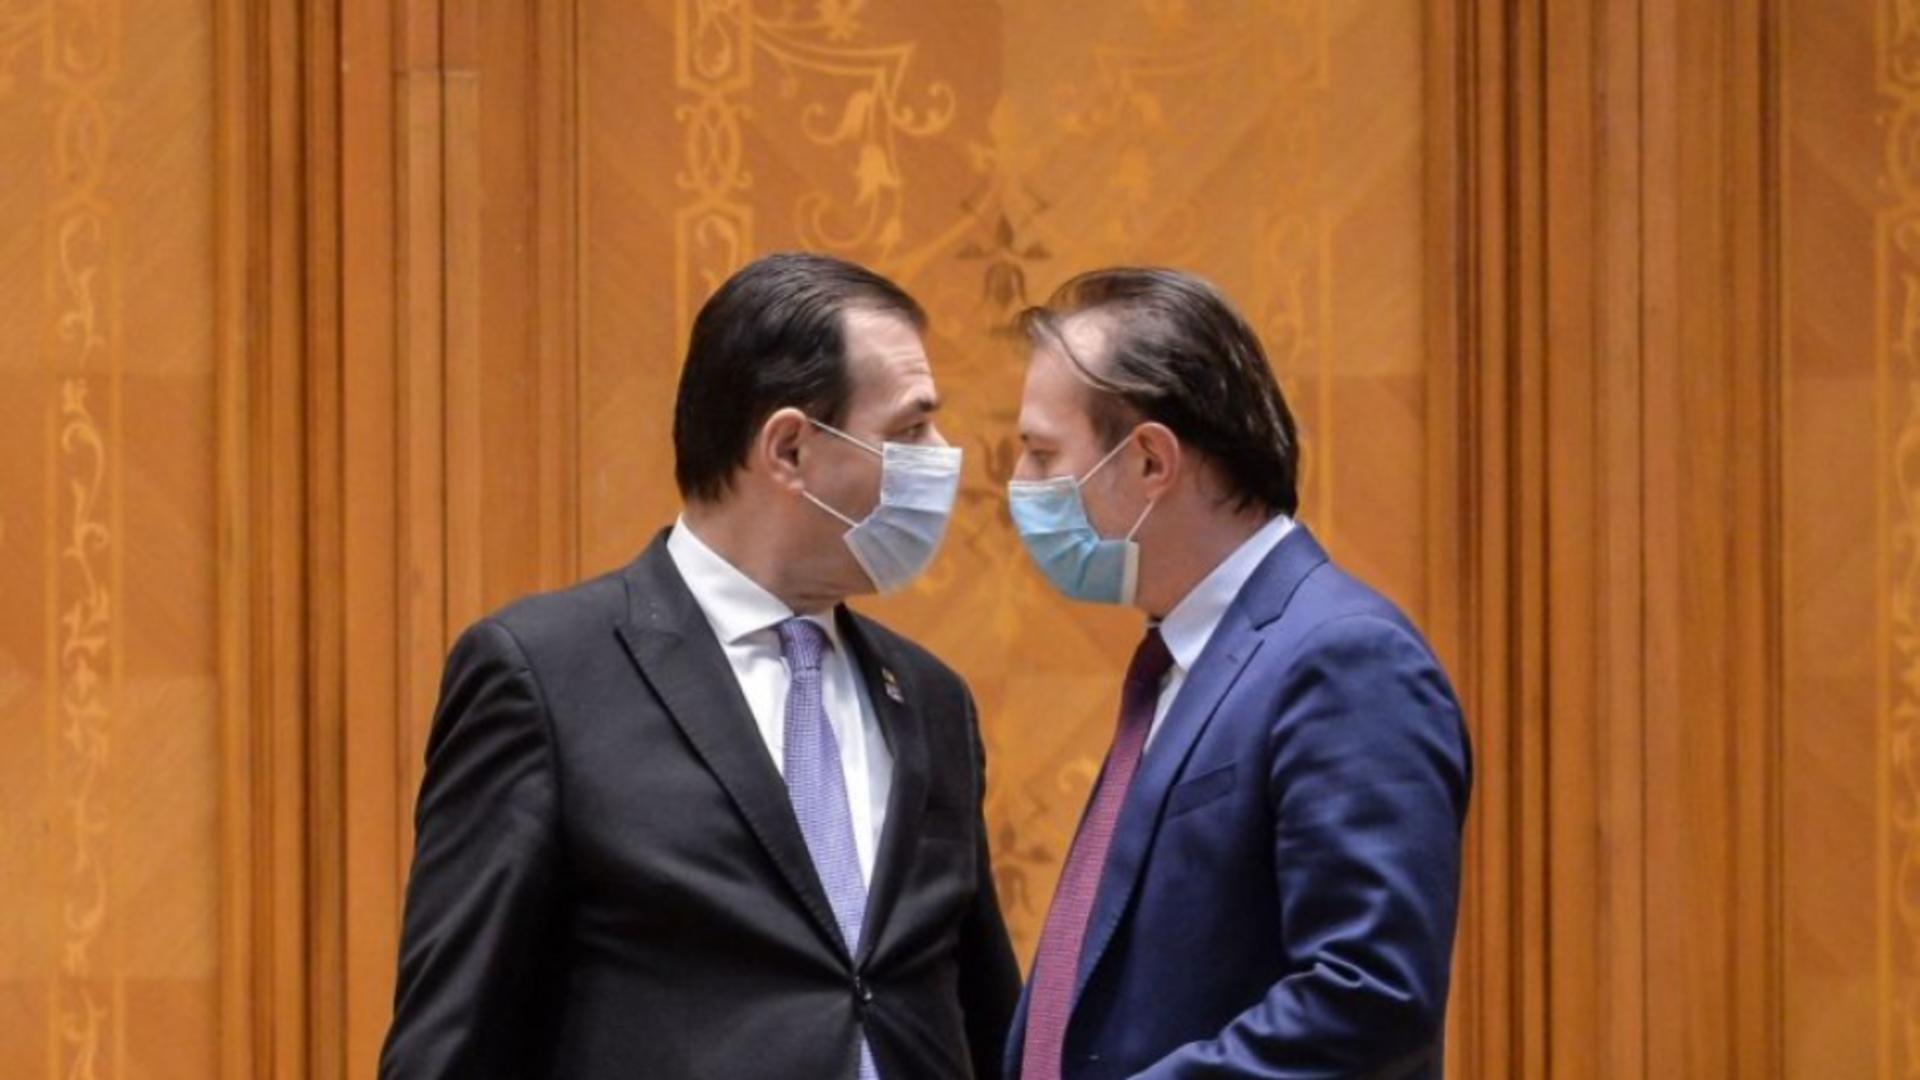 Scandalul din PNL este văzut drept unul care va afecta imaginea României de către mulți specialiști. Foto/Inquam